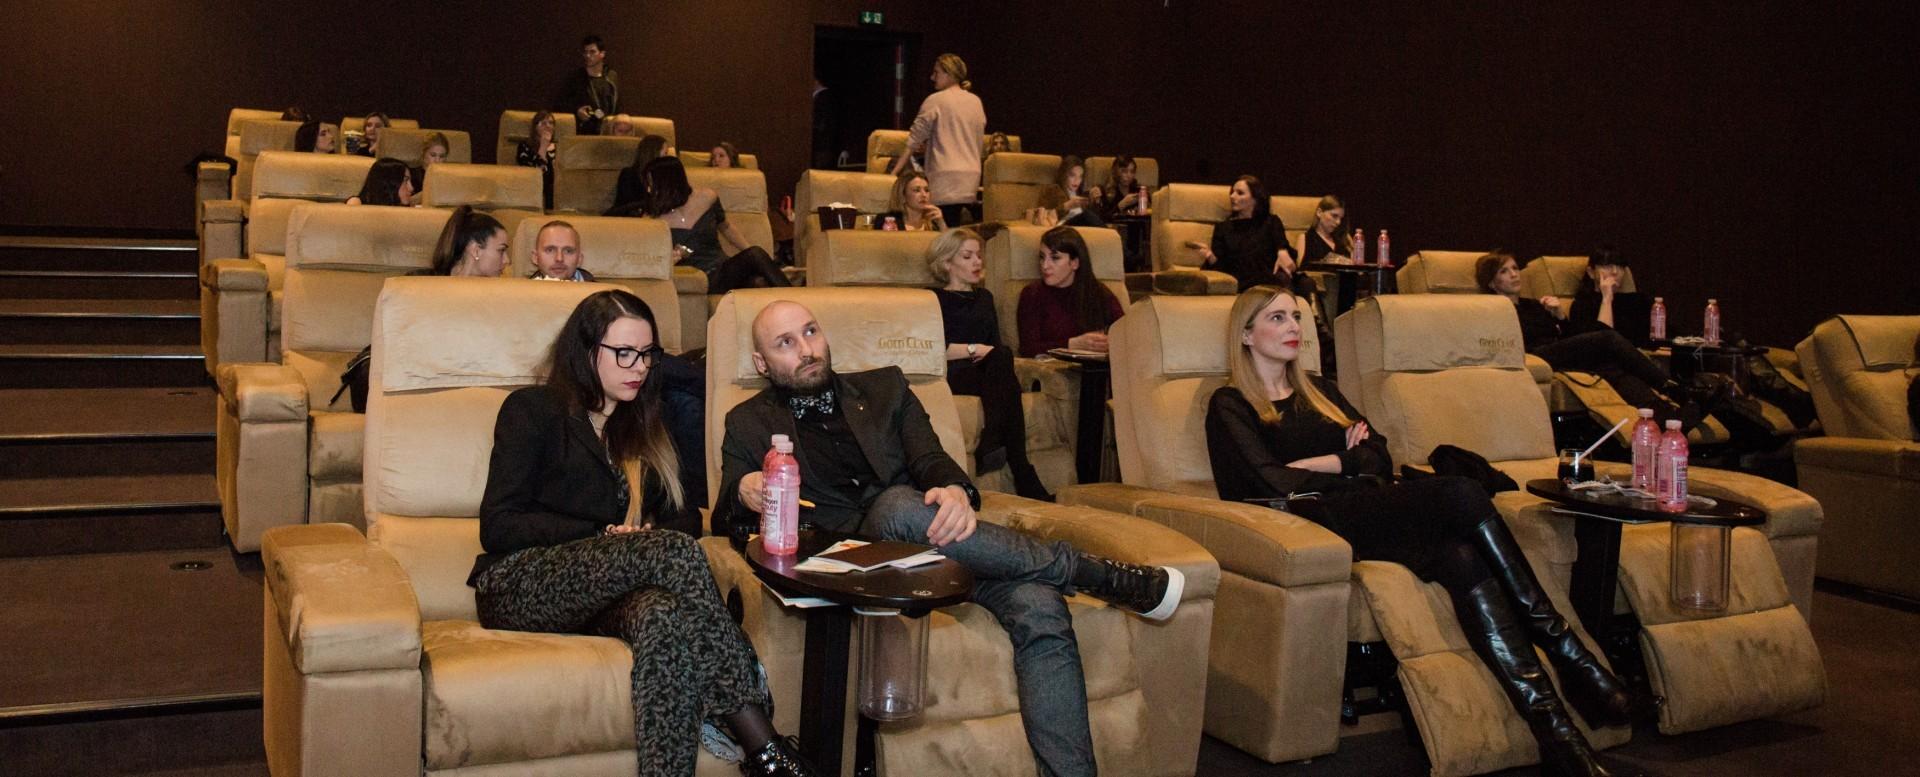 FOTO: Održana premijera filma 'Pedeset nijansi mračniji' uz reviju Aleksandre Dojčinović